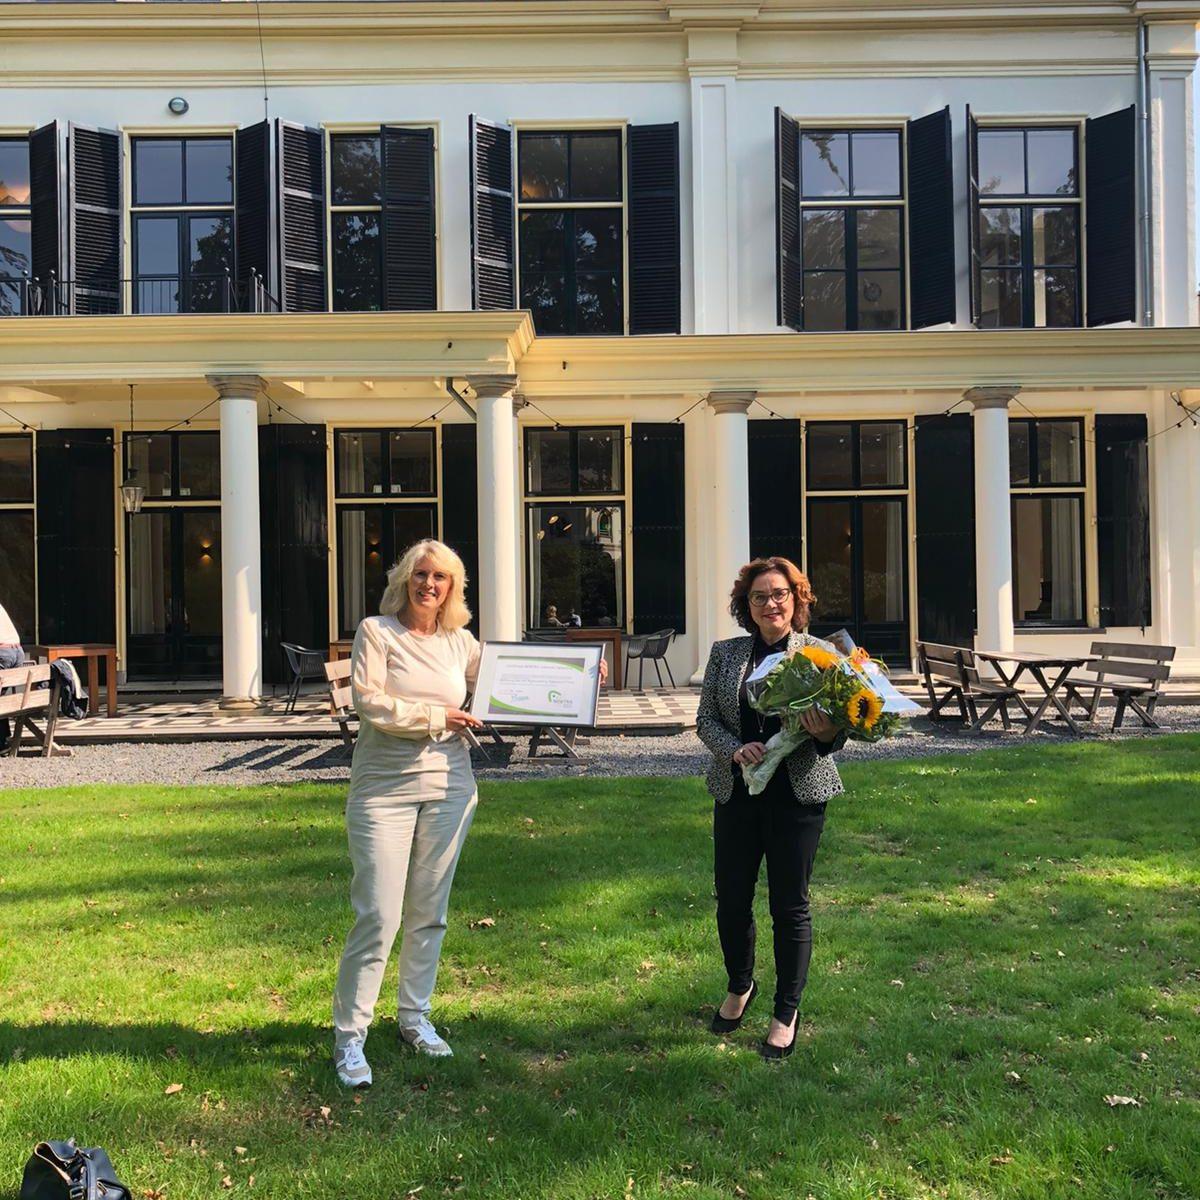 Op 14 september 2020 is YNtraining door NOBTRA gecertificeerd. Pauline van Hoek, eigenaar YNtraining werd door voorzitster Karima Matser in het zonnetje gezet op leslocatie de Horst te Driebergen.